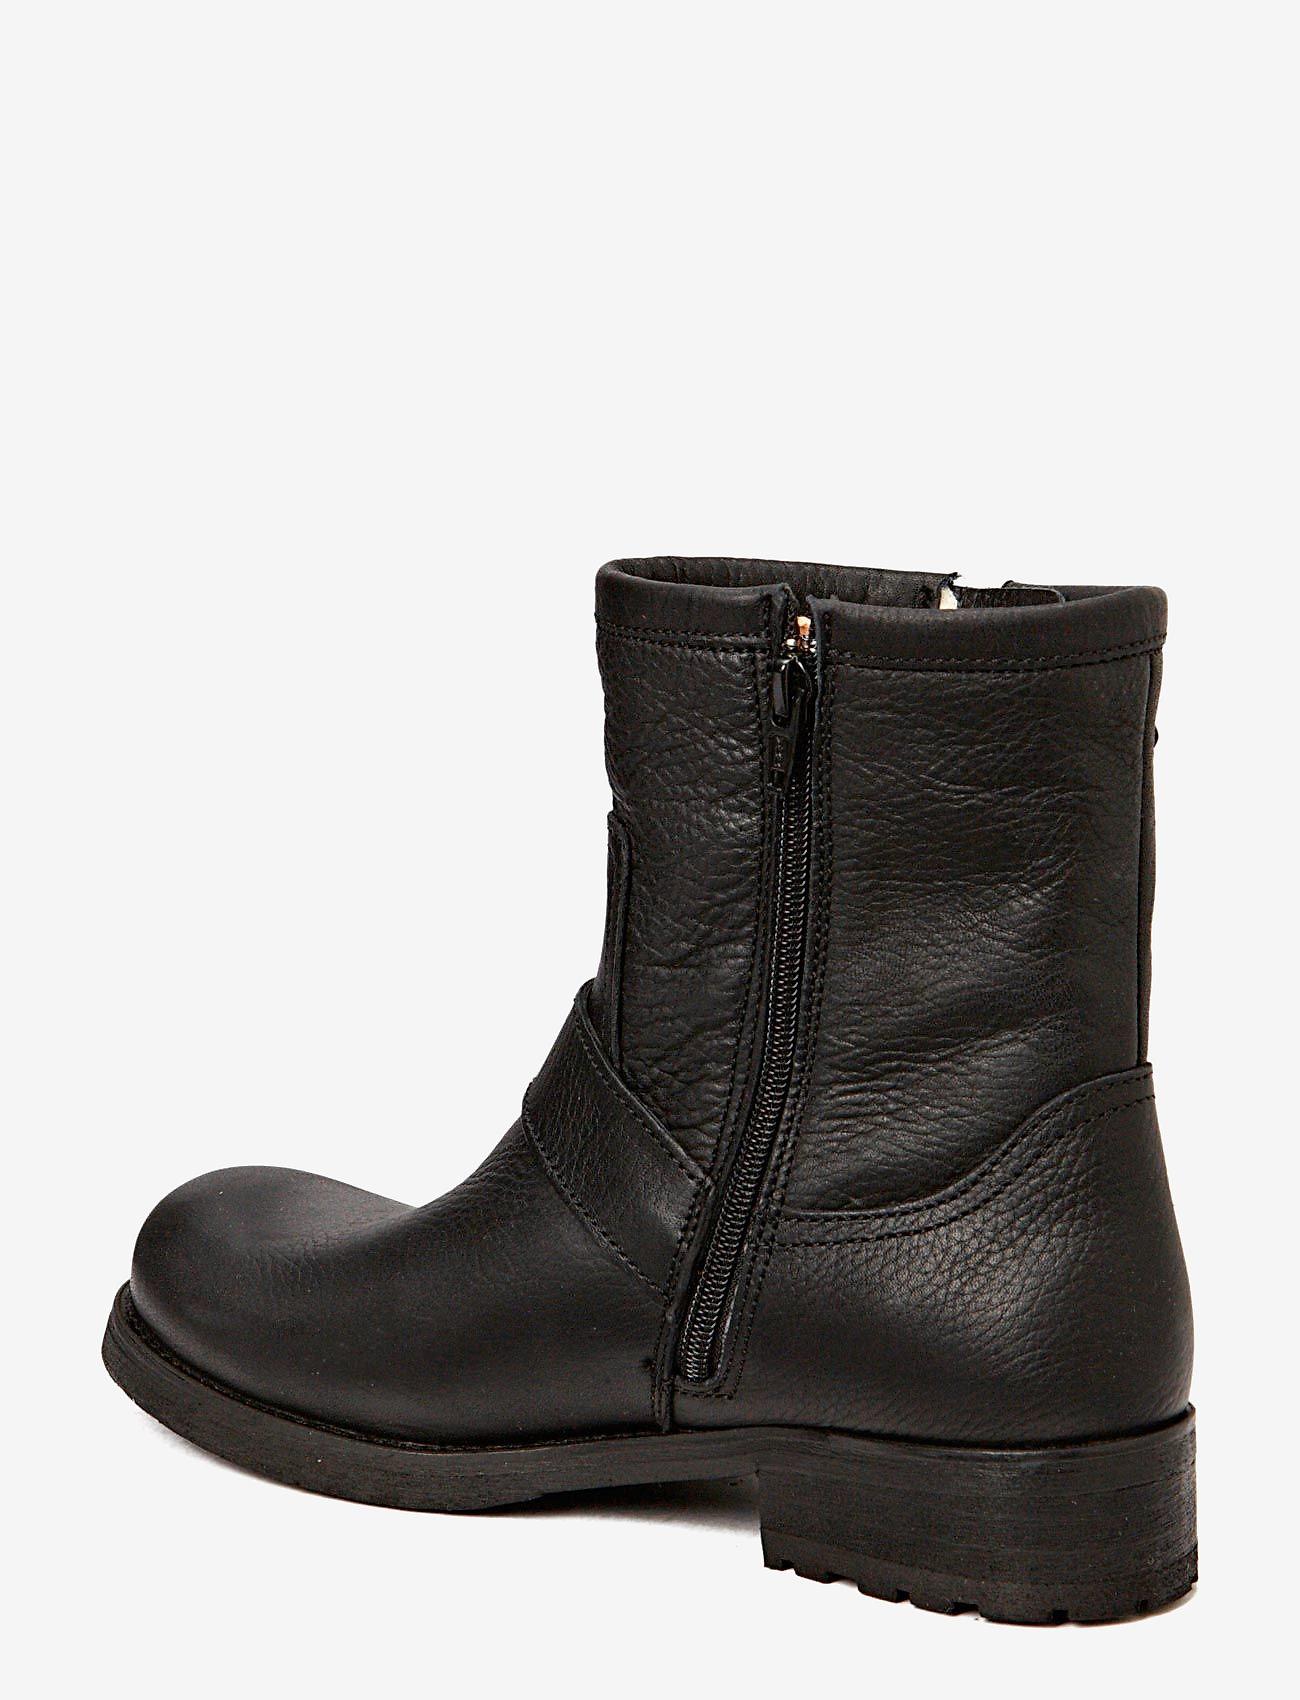 Billi Bi - BOOTS - WARM LINING - flache stiefeletten - black tomcat 80 - 1